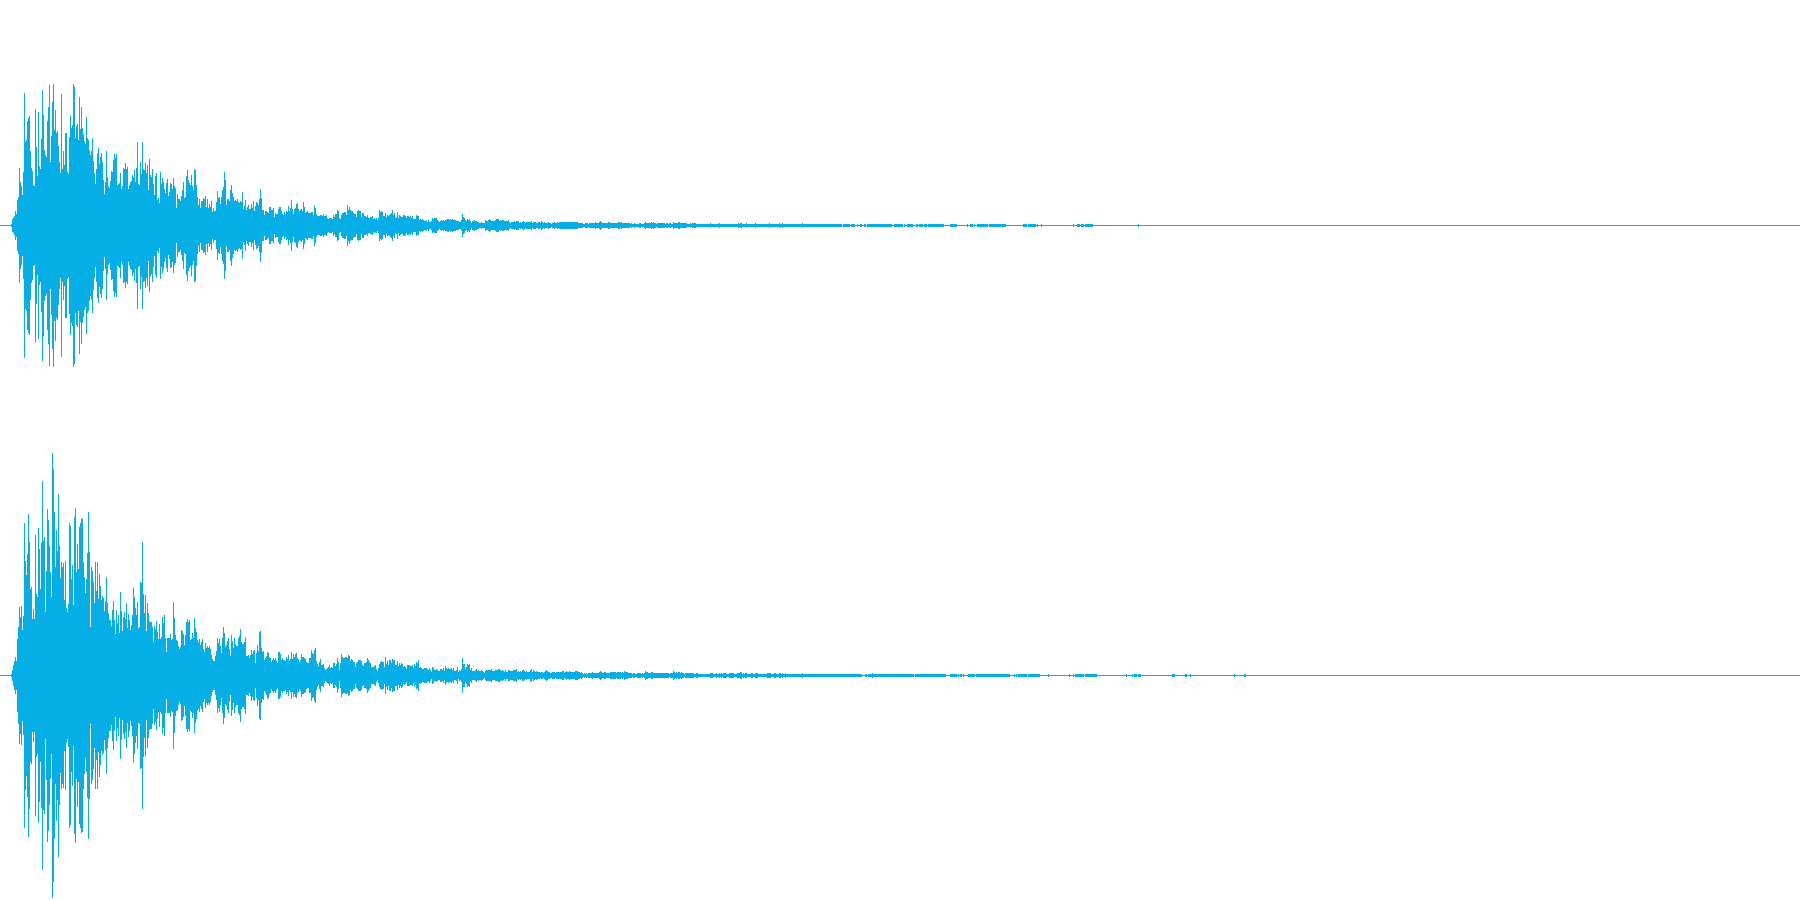 「シャシャーン」象徴的なソリベルの音4の再生済みの波形